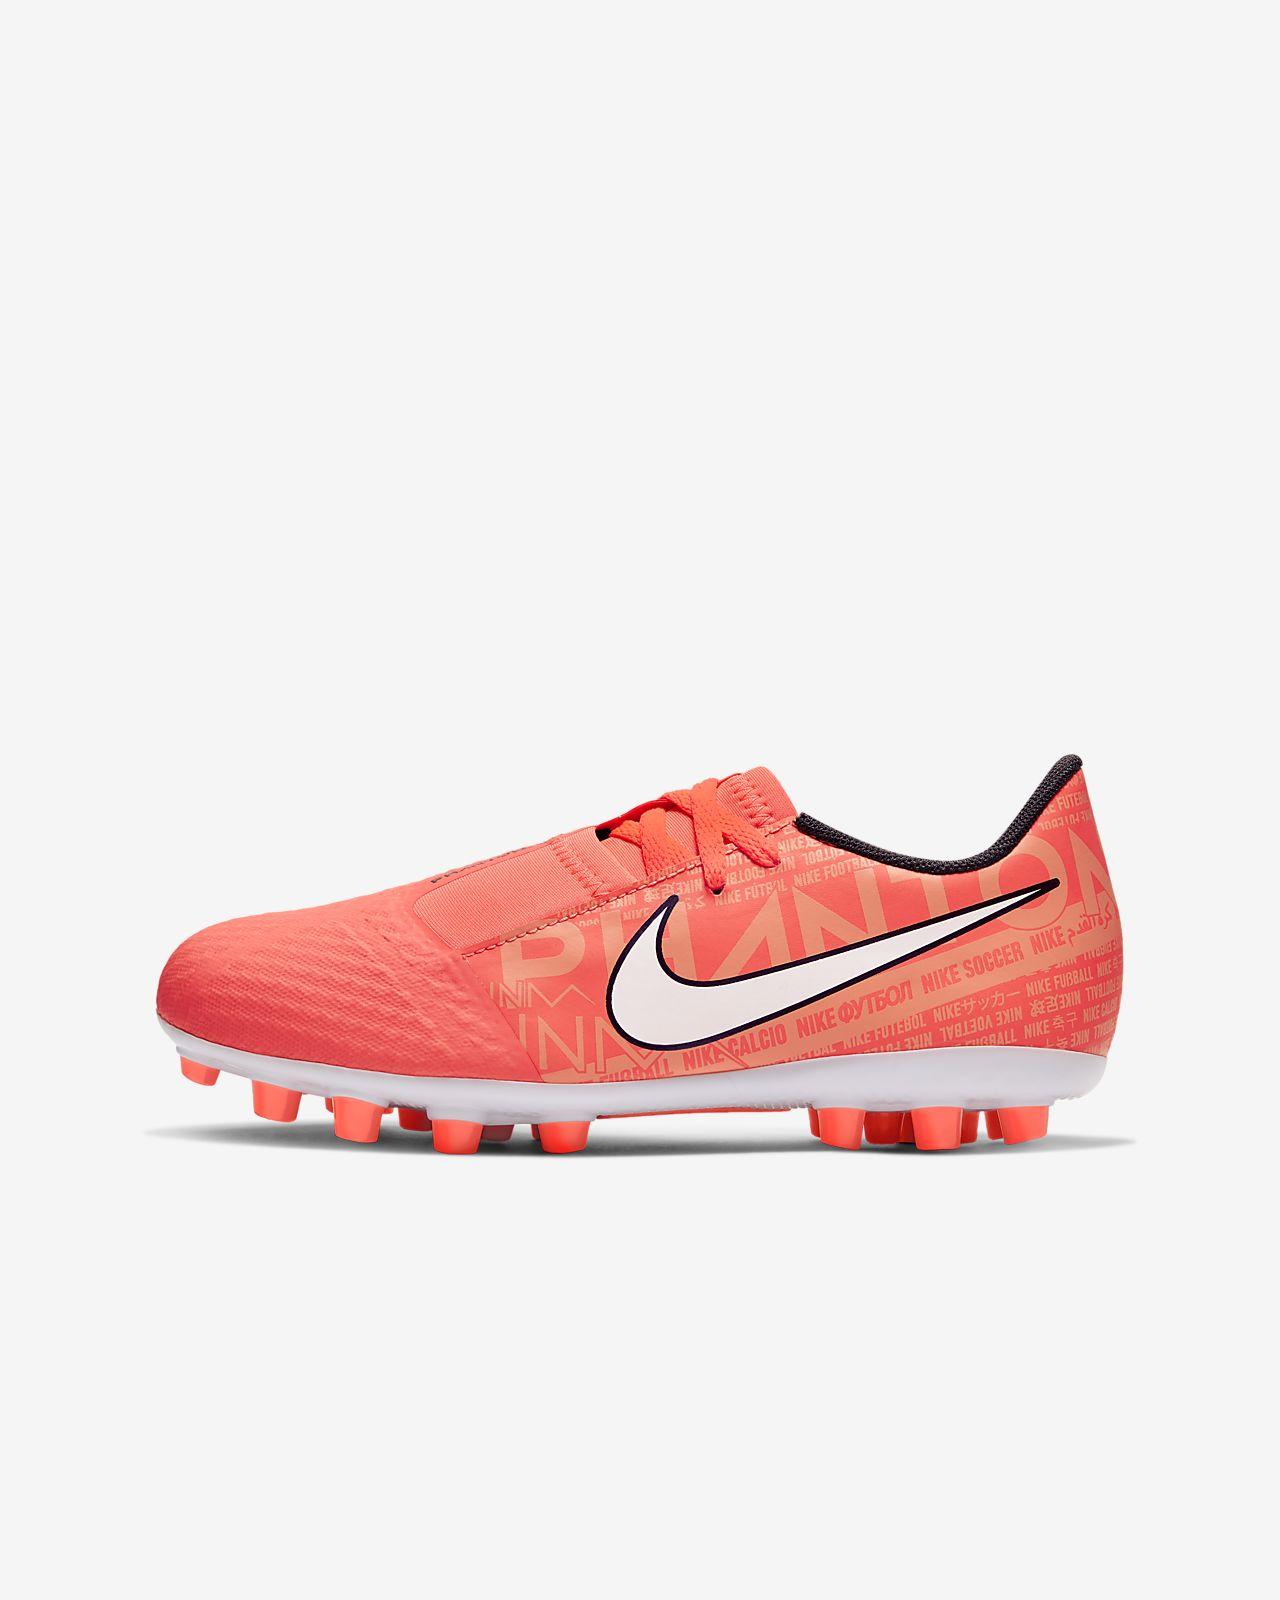 Nike Jr. Phantom Vision Academy AG Botas de fútbol para hierba artificial o moqueta - Turf - Niño/a y niño/a pequeño/a